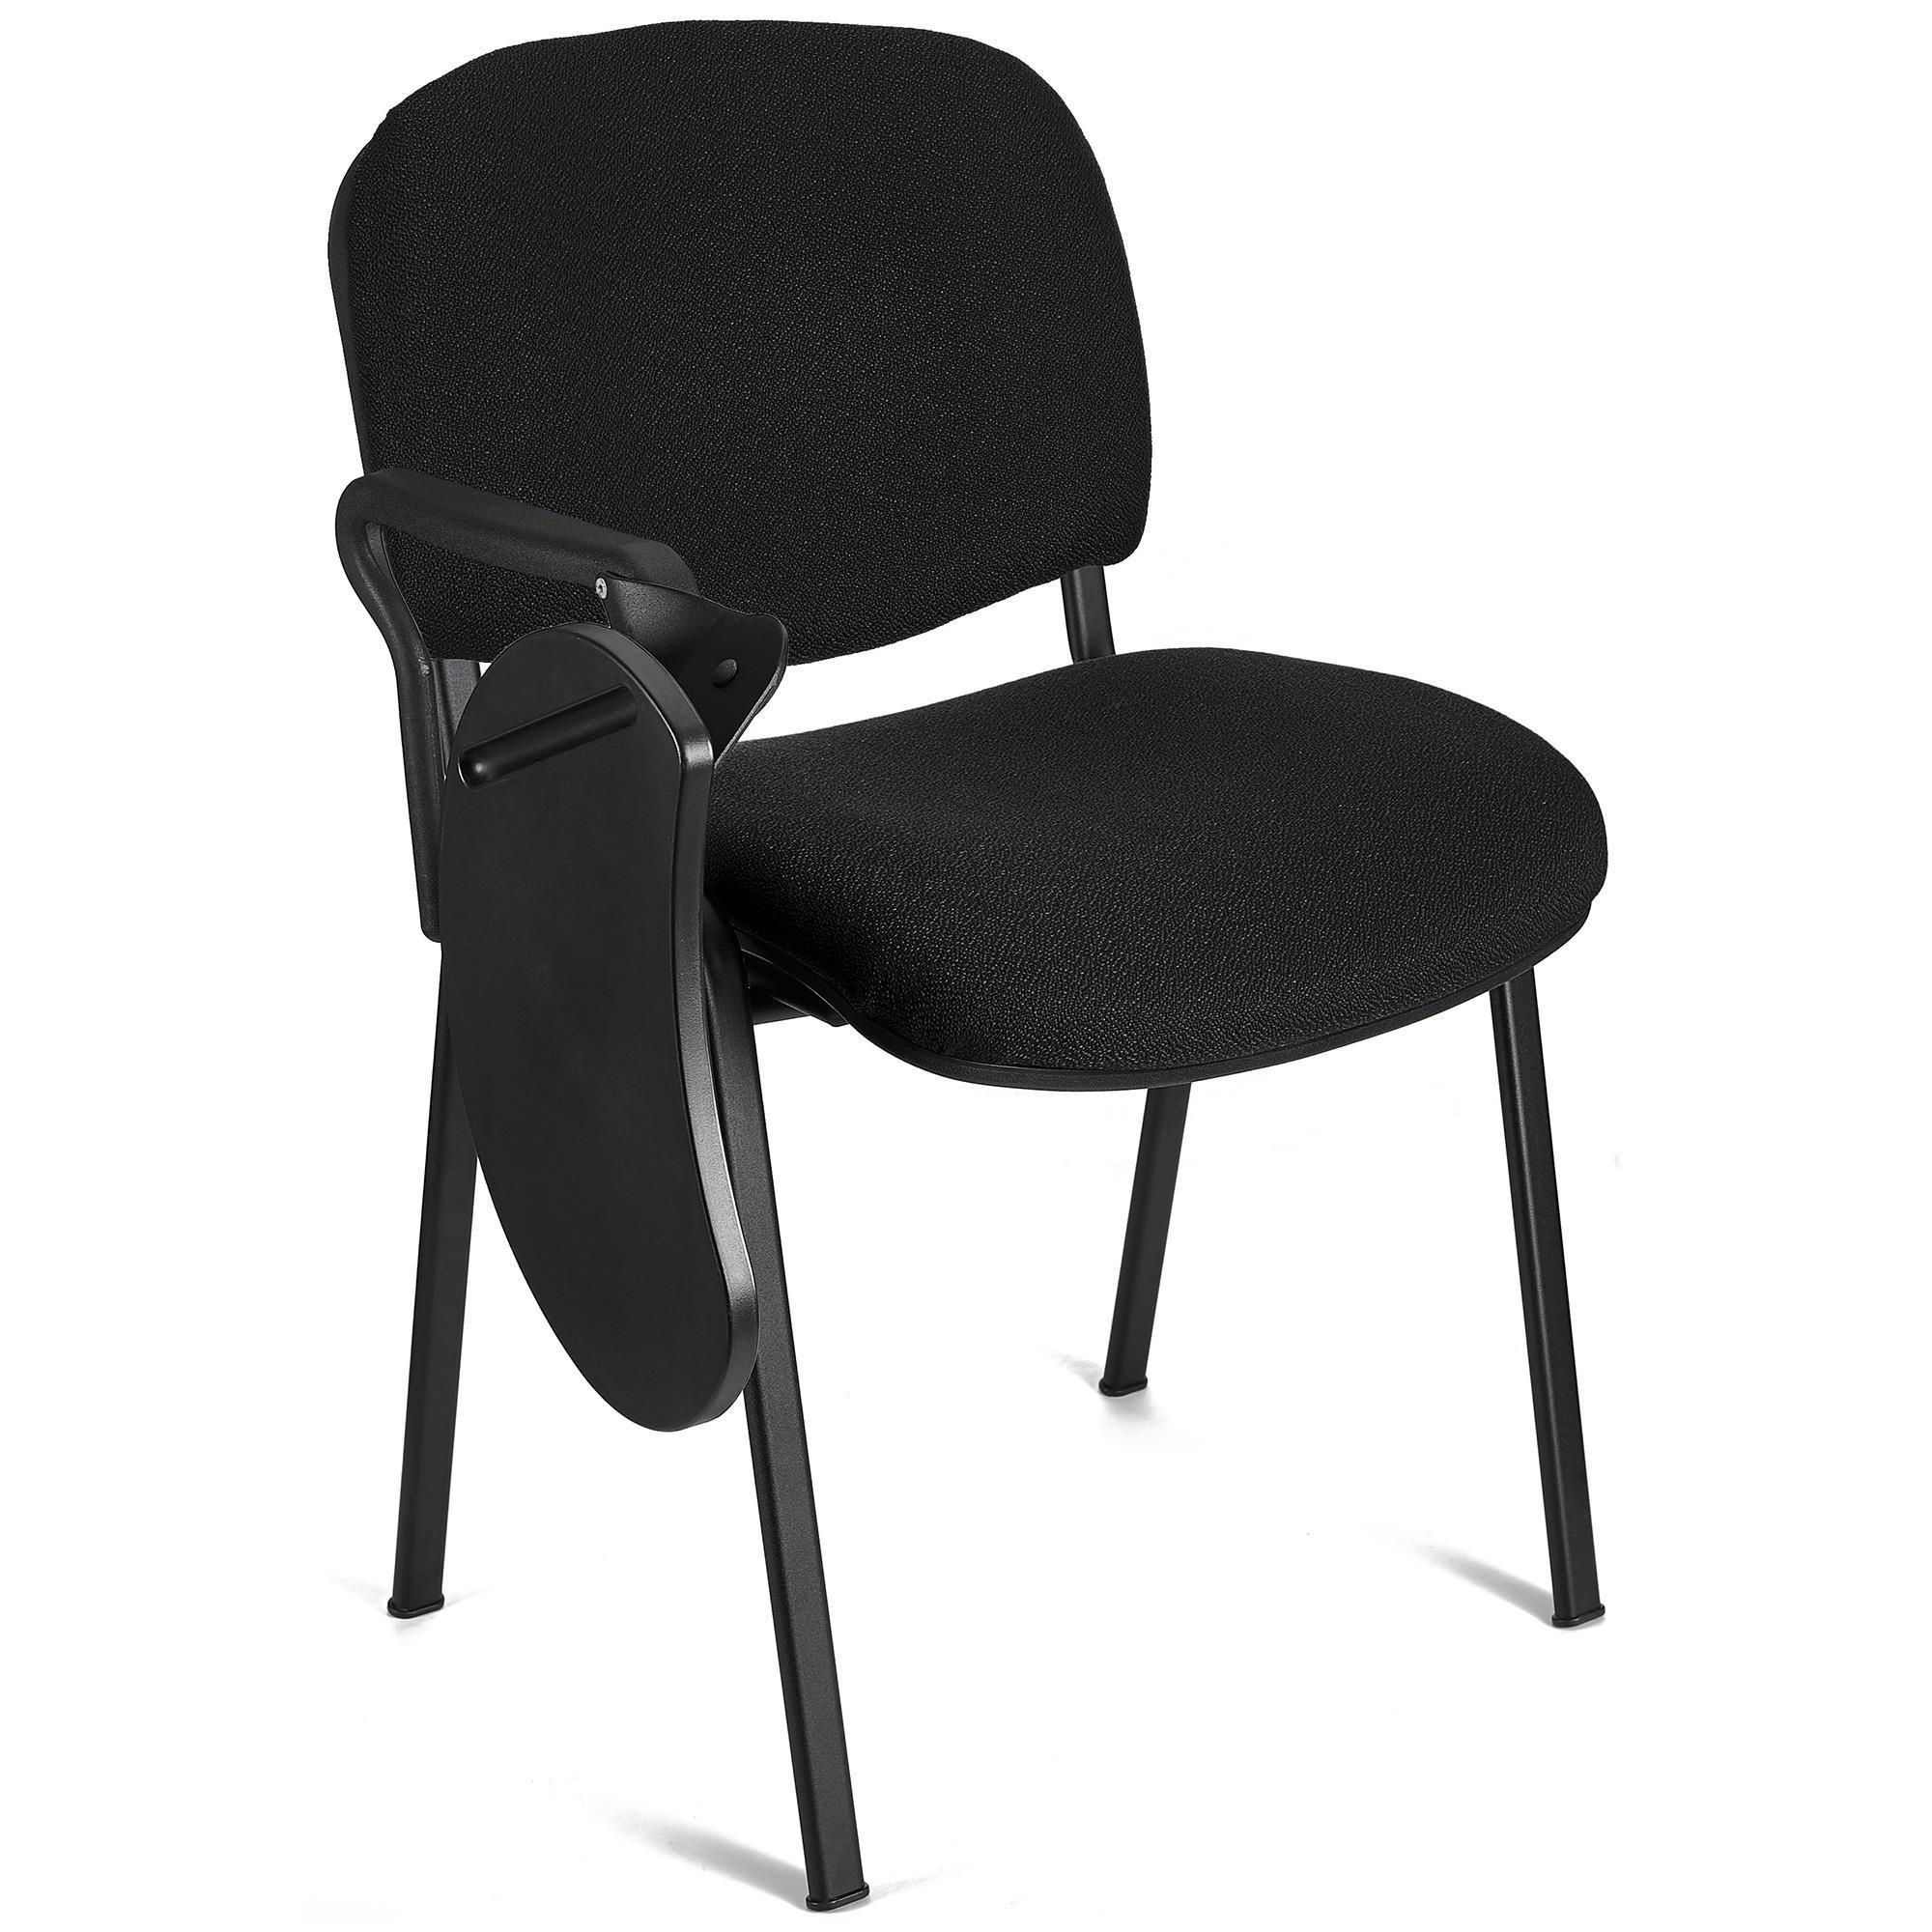 Lote 5 sillas de confidente moby con pala escritura en negro lote de 5 sillas de confidente - Sillas negras ...